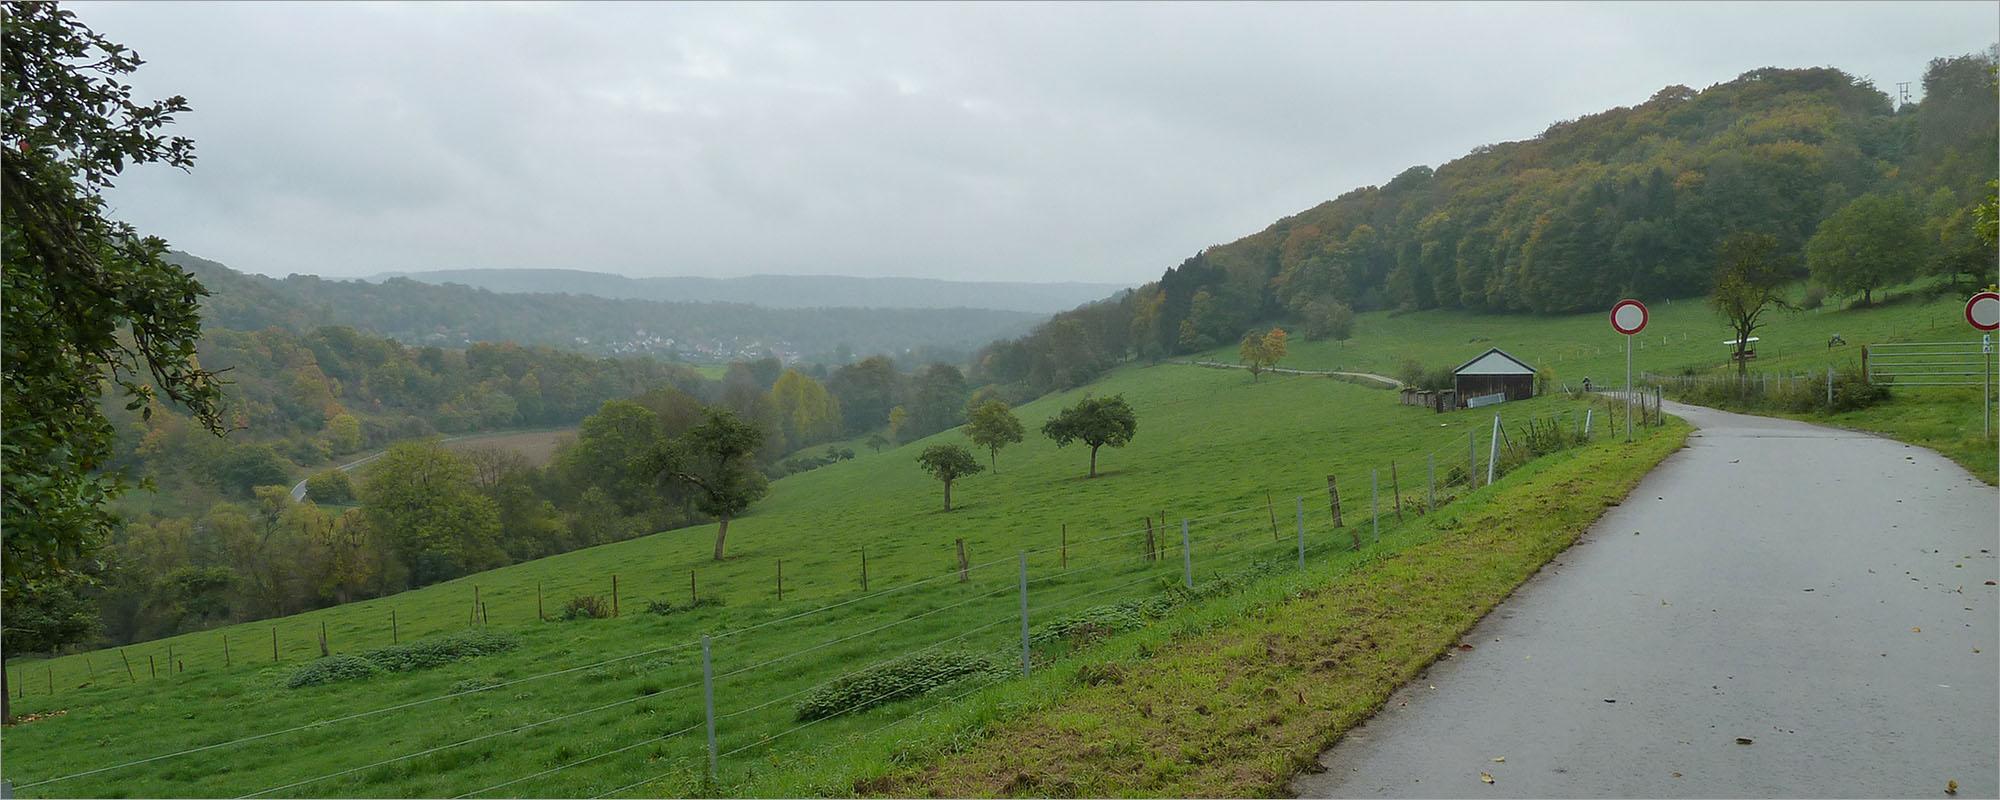 Fietsen naar Luxemburg, over autovrije wegen.